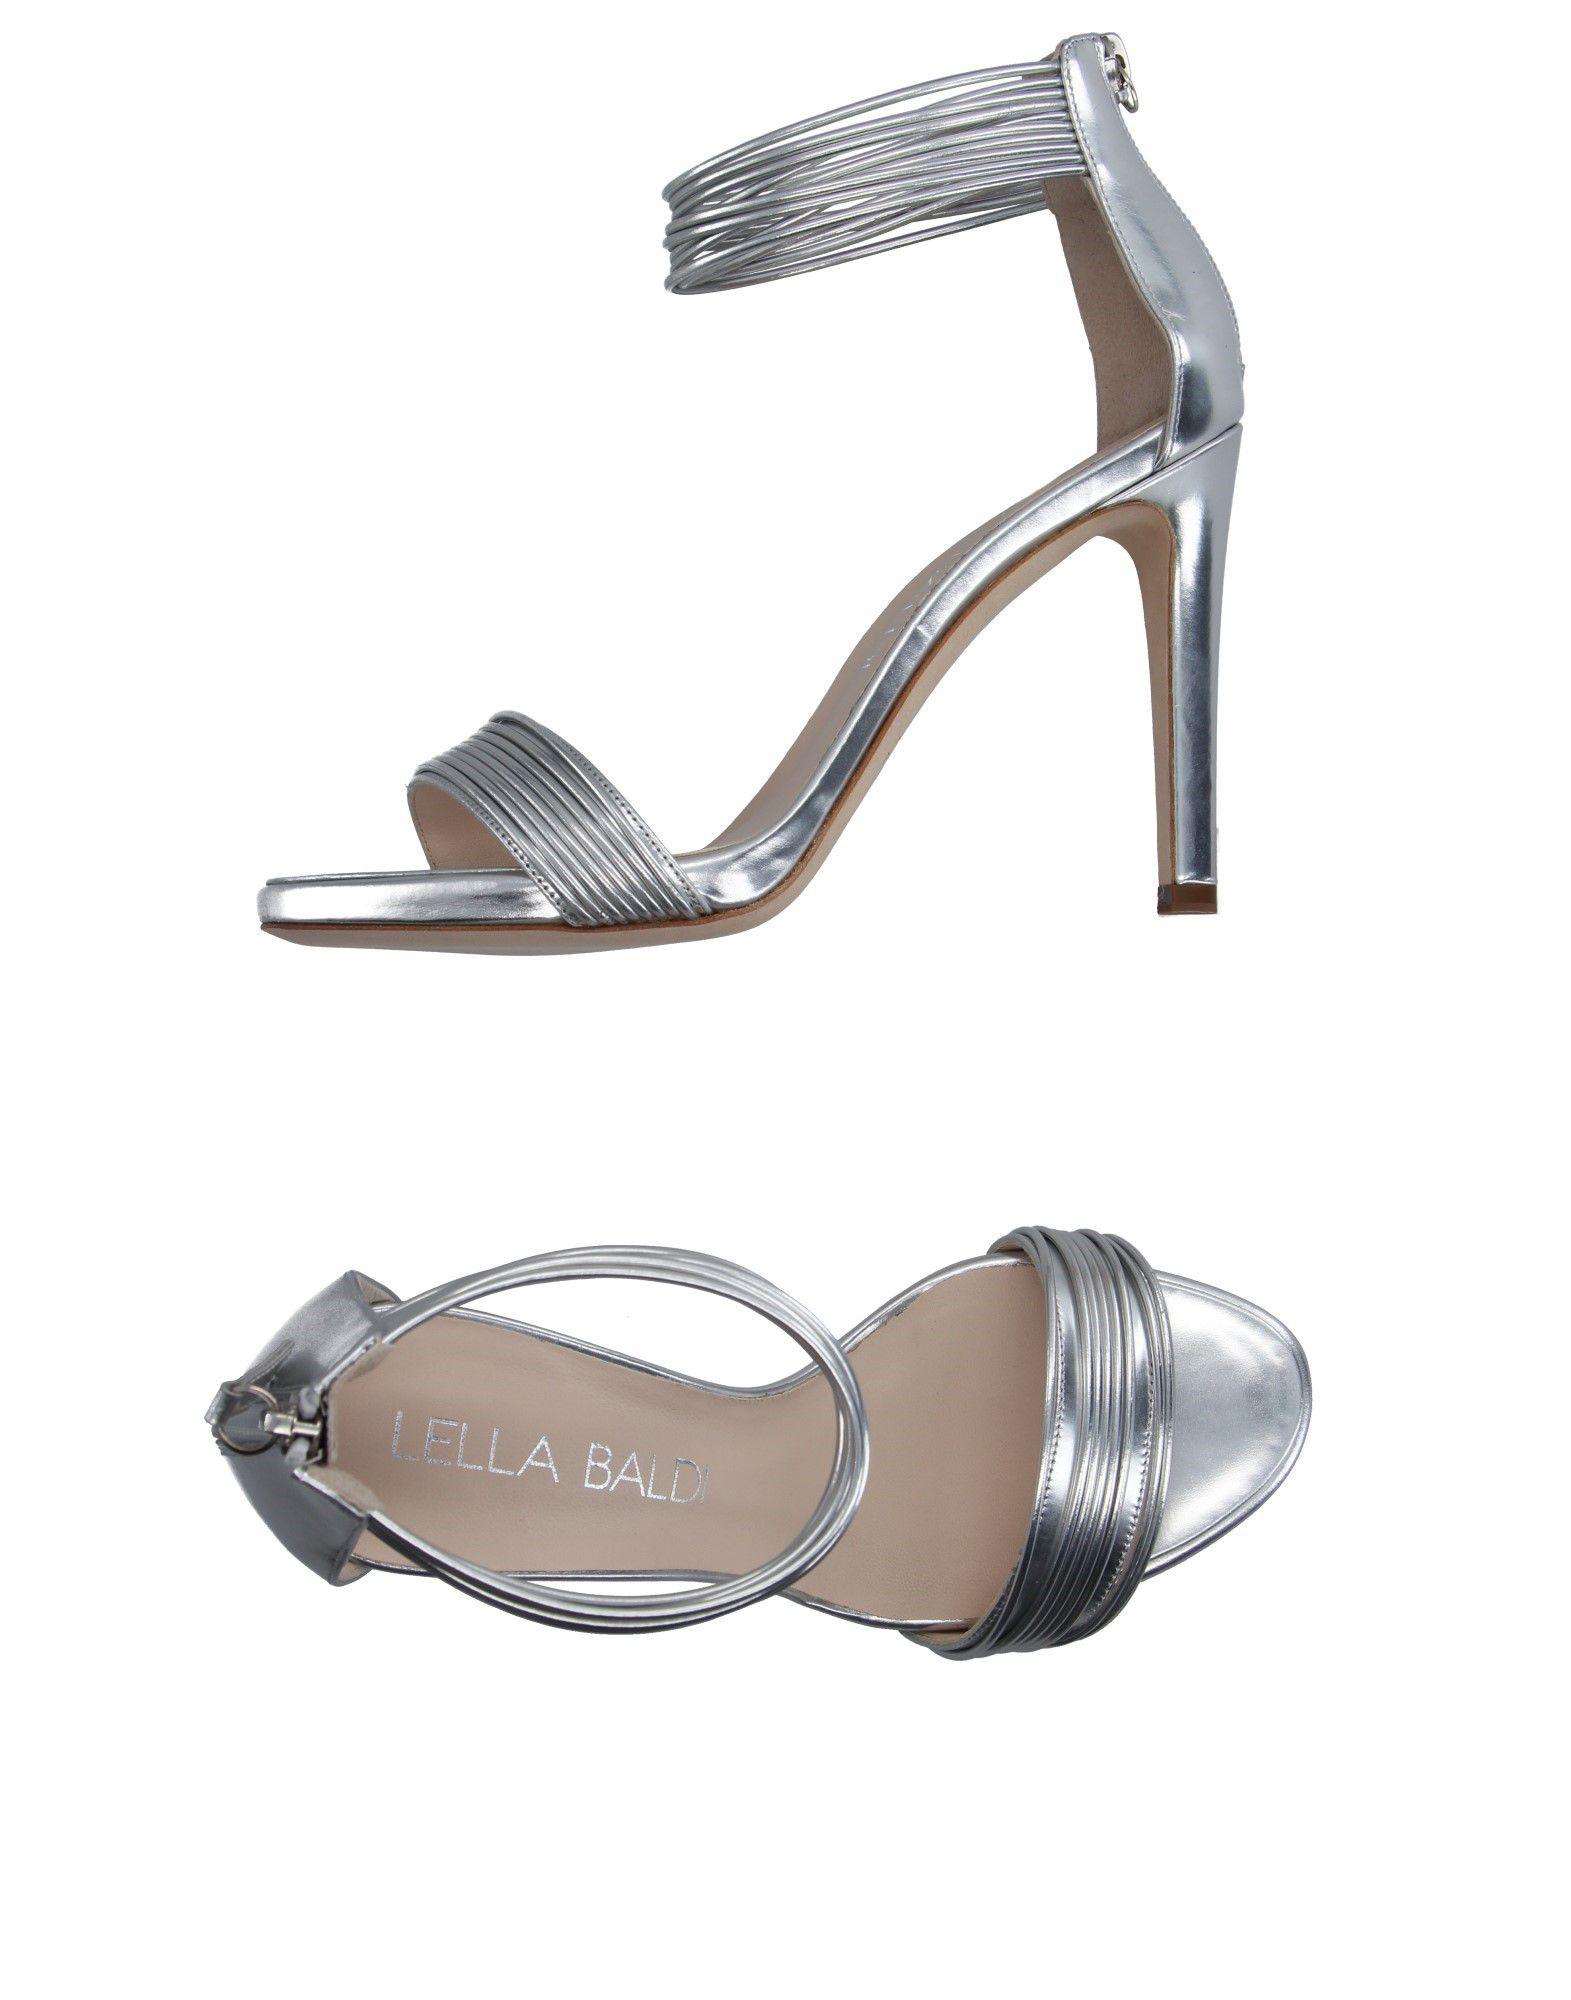 Lella Baldi Sandalen Sandalen Baldi Damen  11142776HL Neue Schuhe 776997